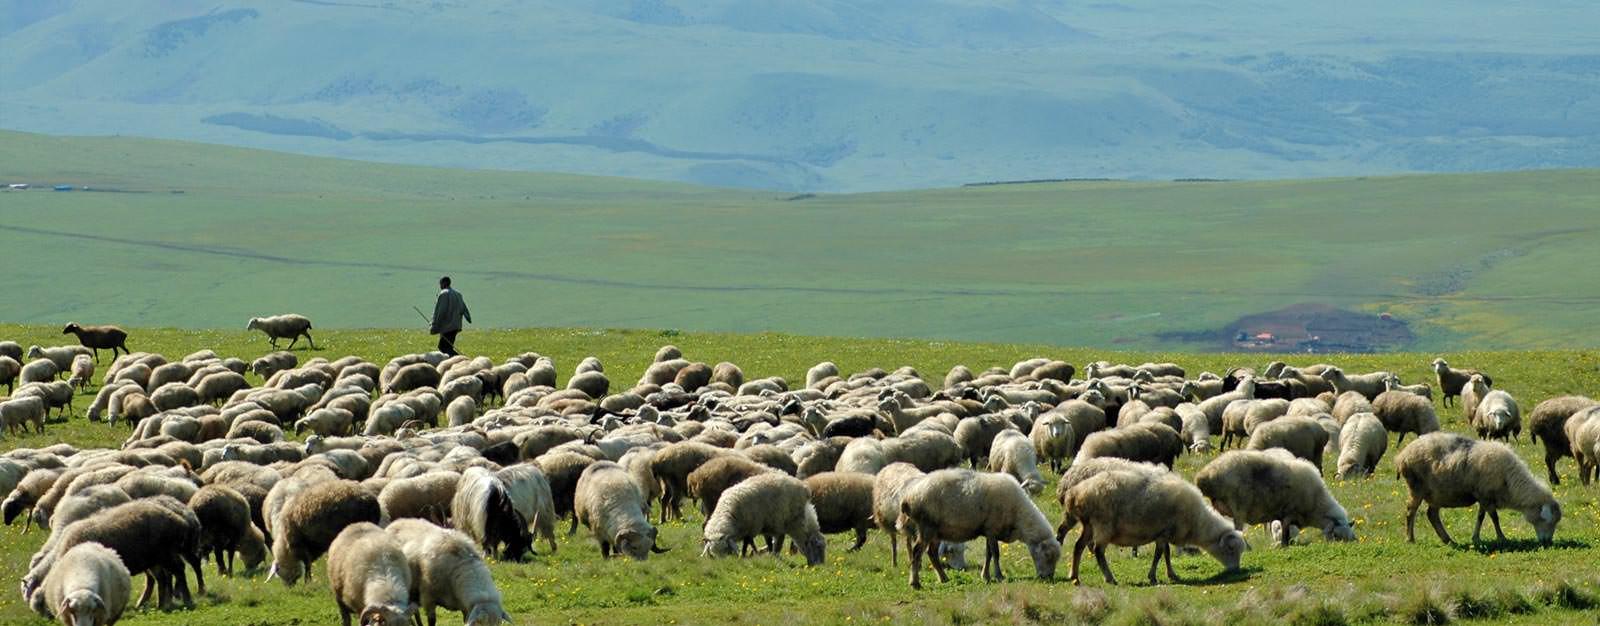 גאורגיה - כבשים גאורגיות בקווקז הנמוך